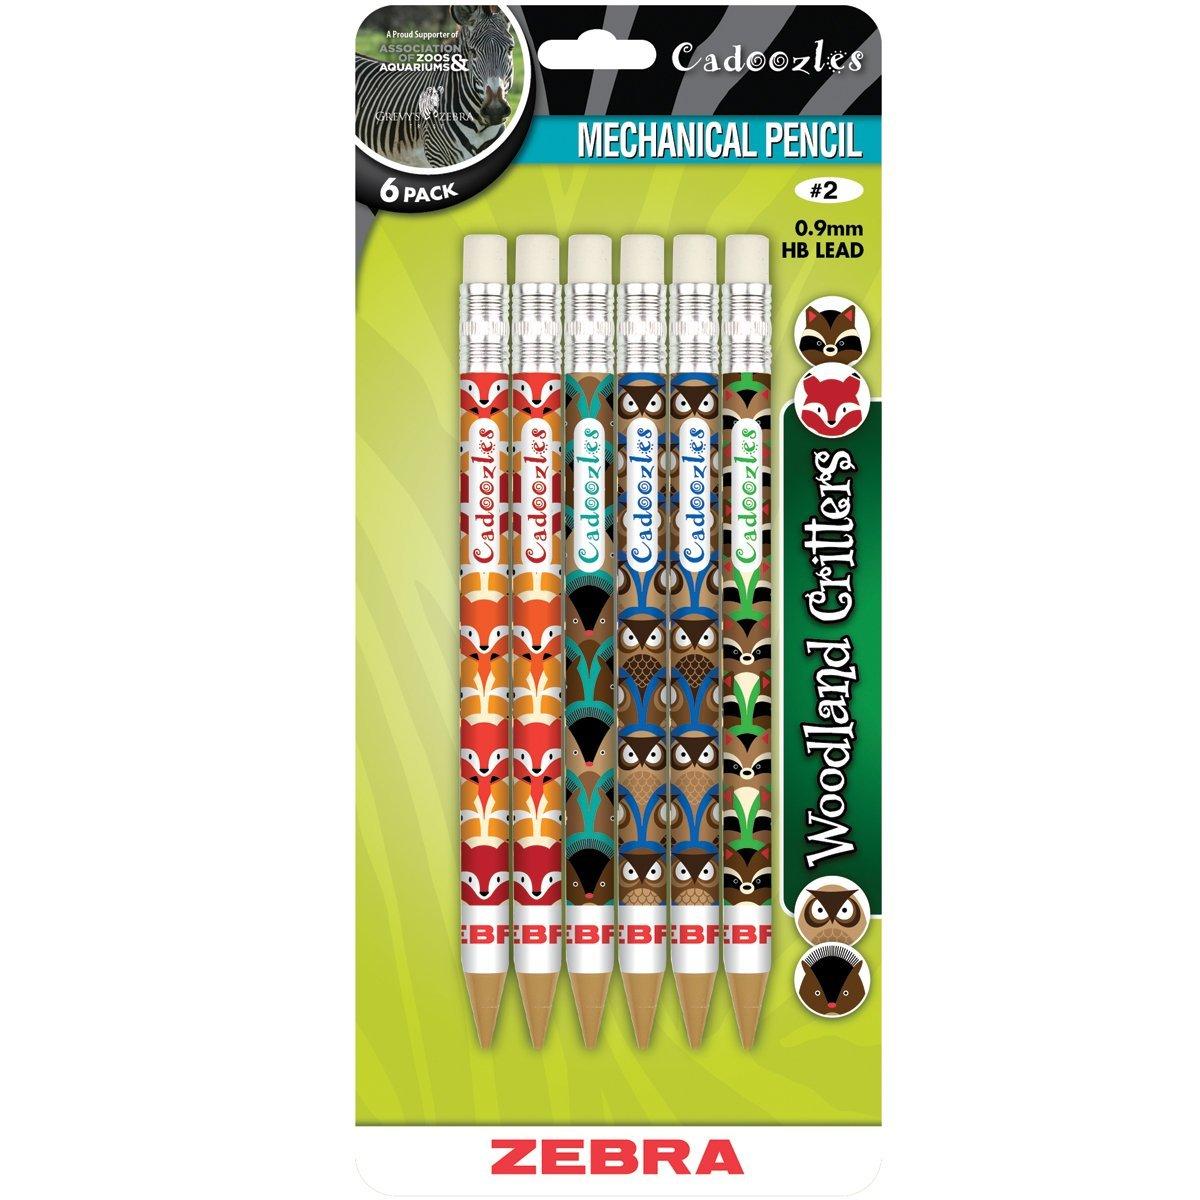 Cadoozles Mechanical Pencils 6/Pkg-Assorted